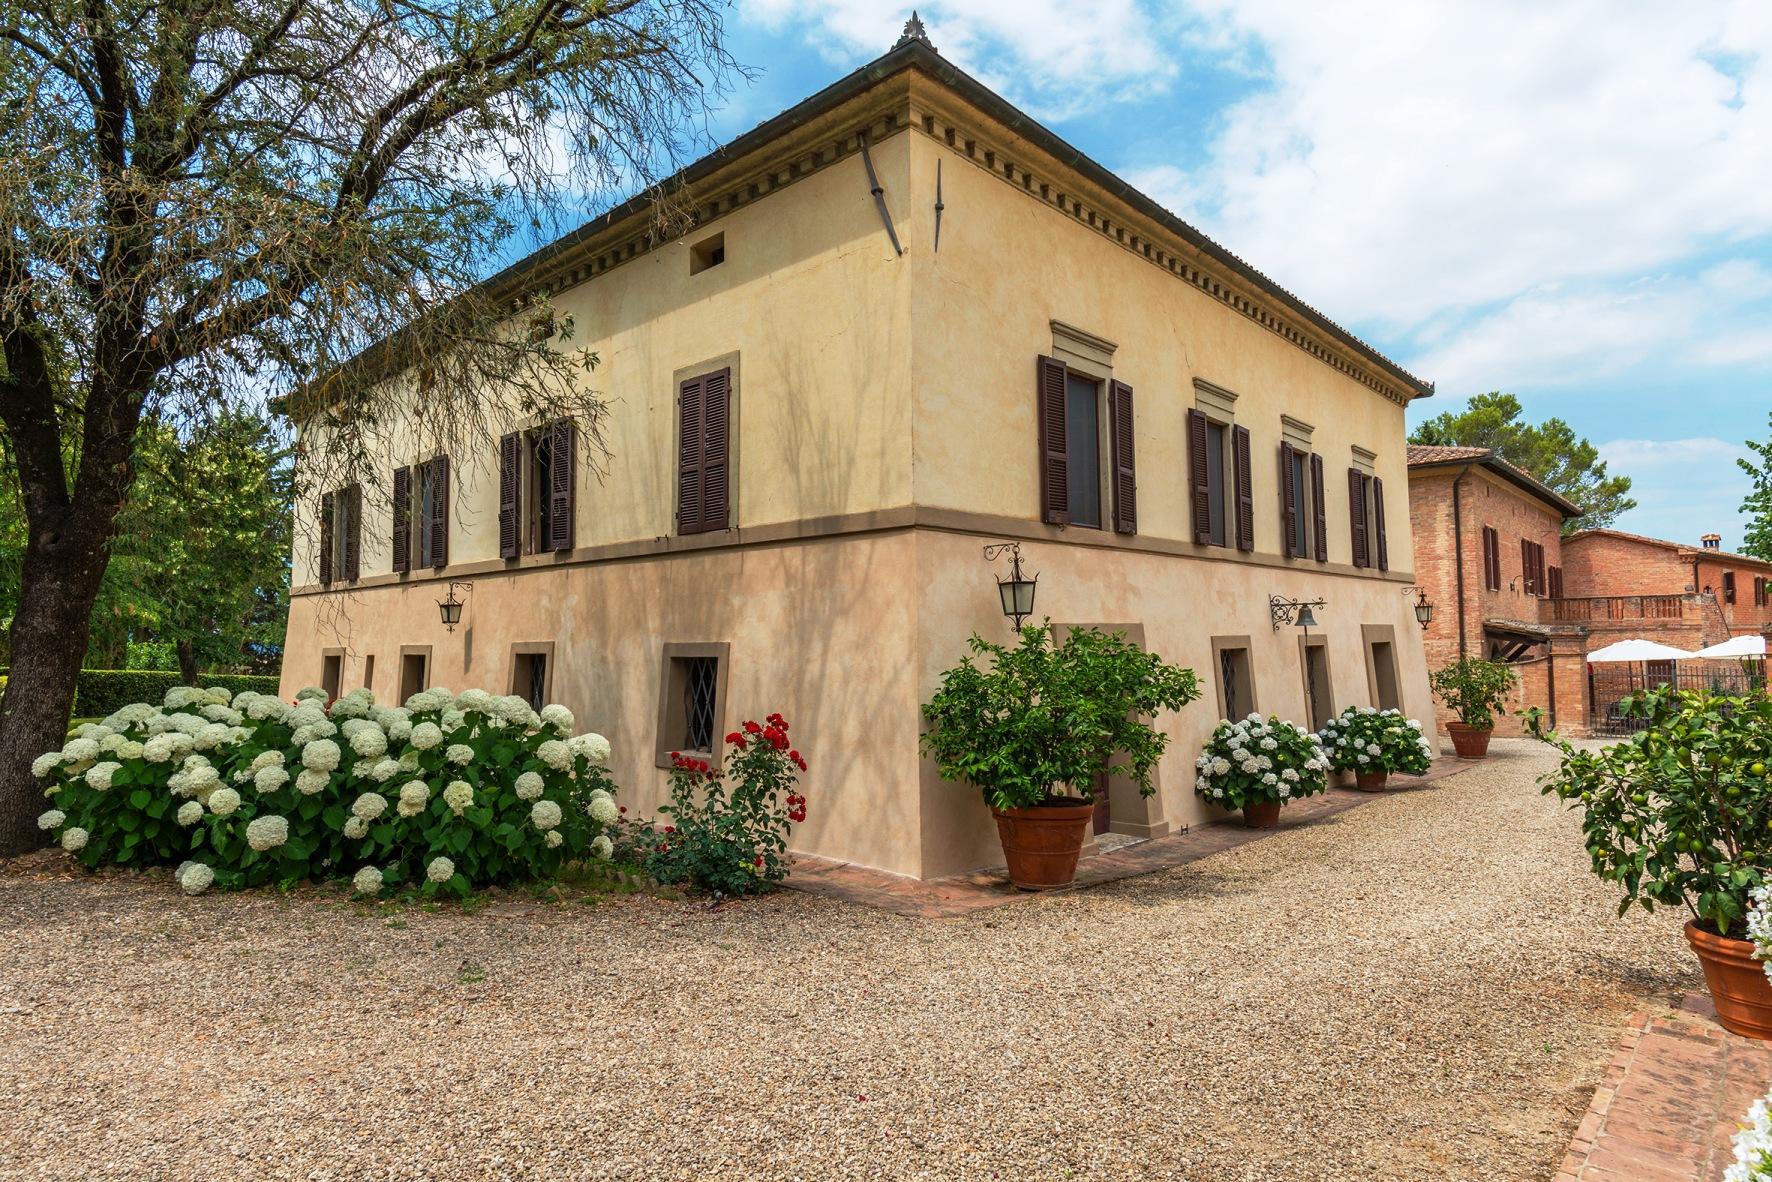 Villa La Campana - Asciano - Siena